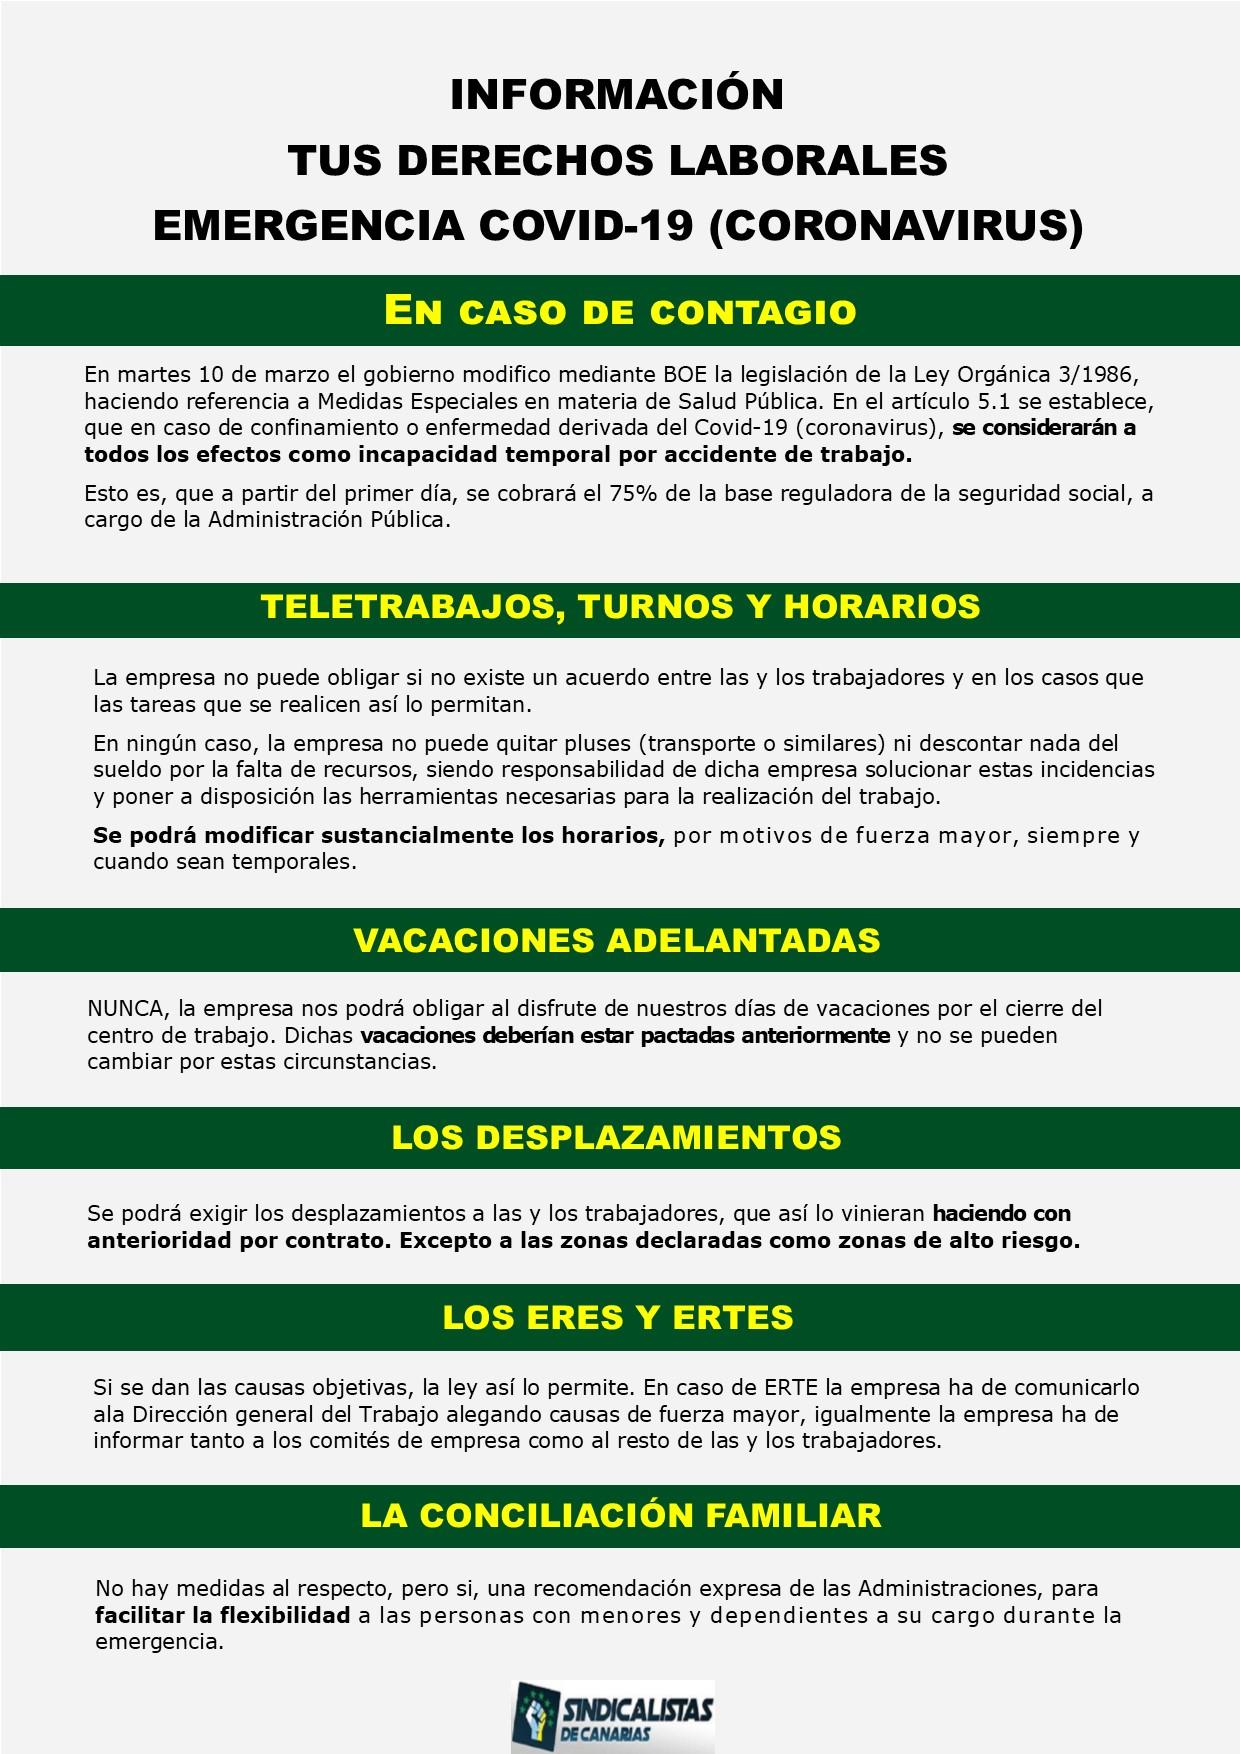 Información de tus derechos laborales por la emergencia sanitaria por el virus COVID-19 (Coronavirus)